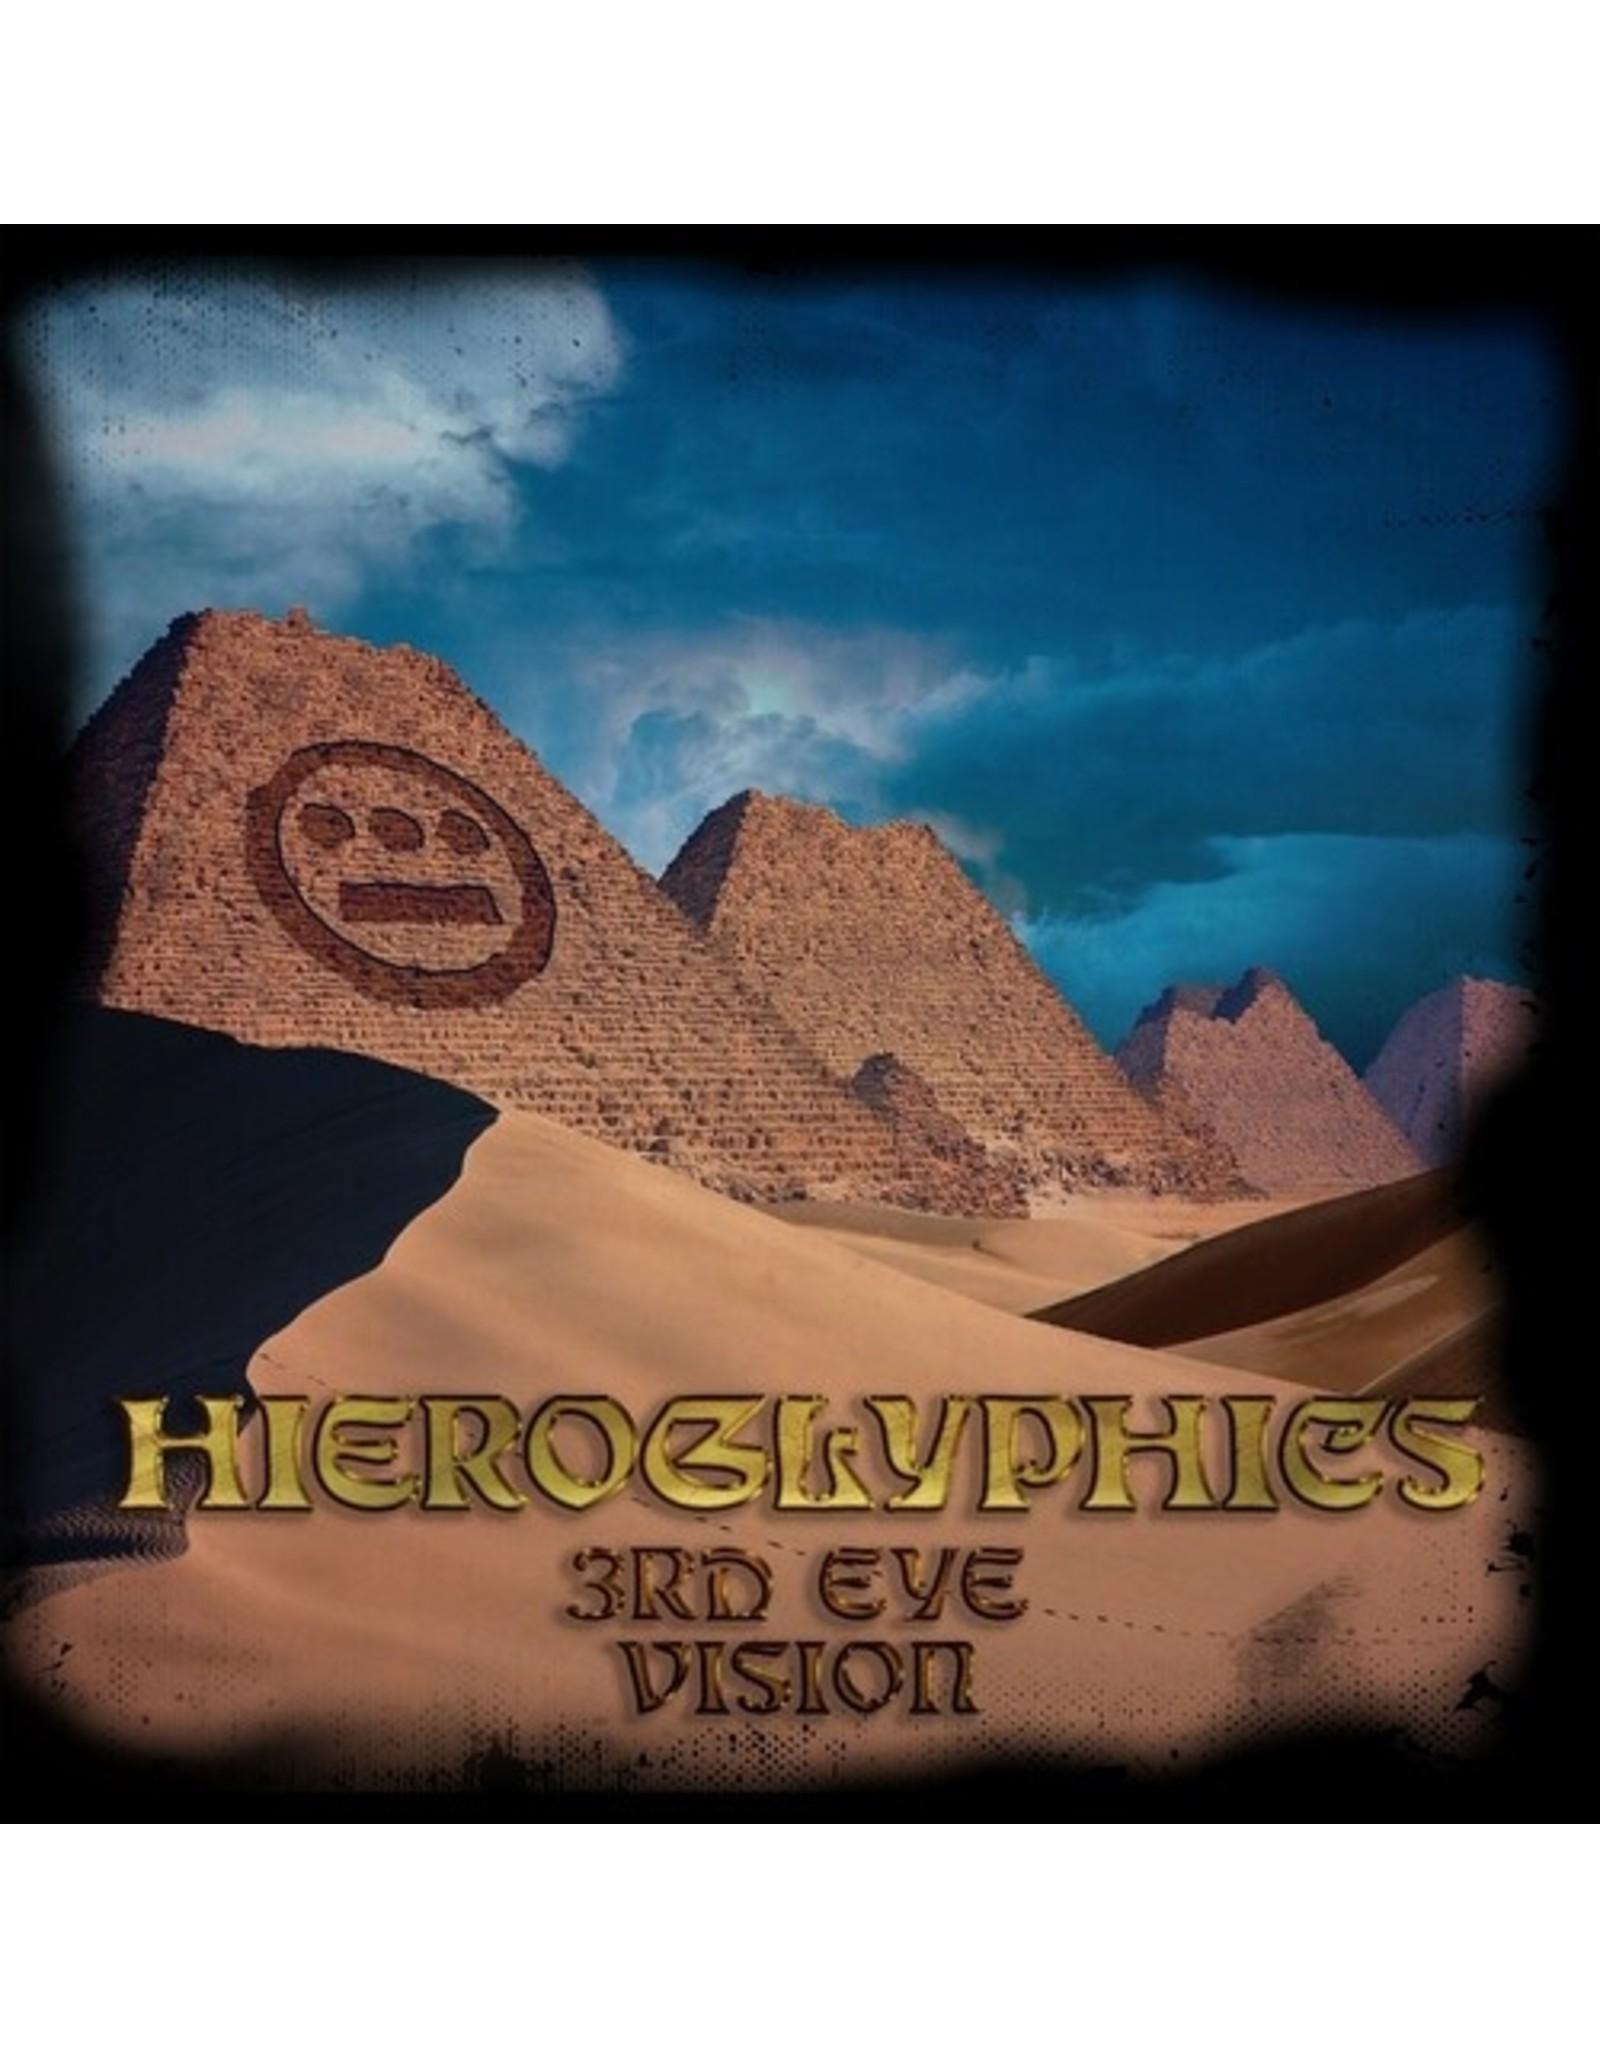 New Vinyl Hieroglyphics - 3rd Eye Vision 3LP